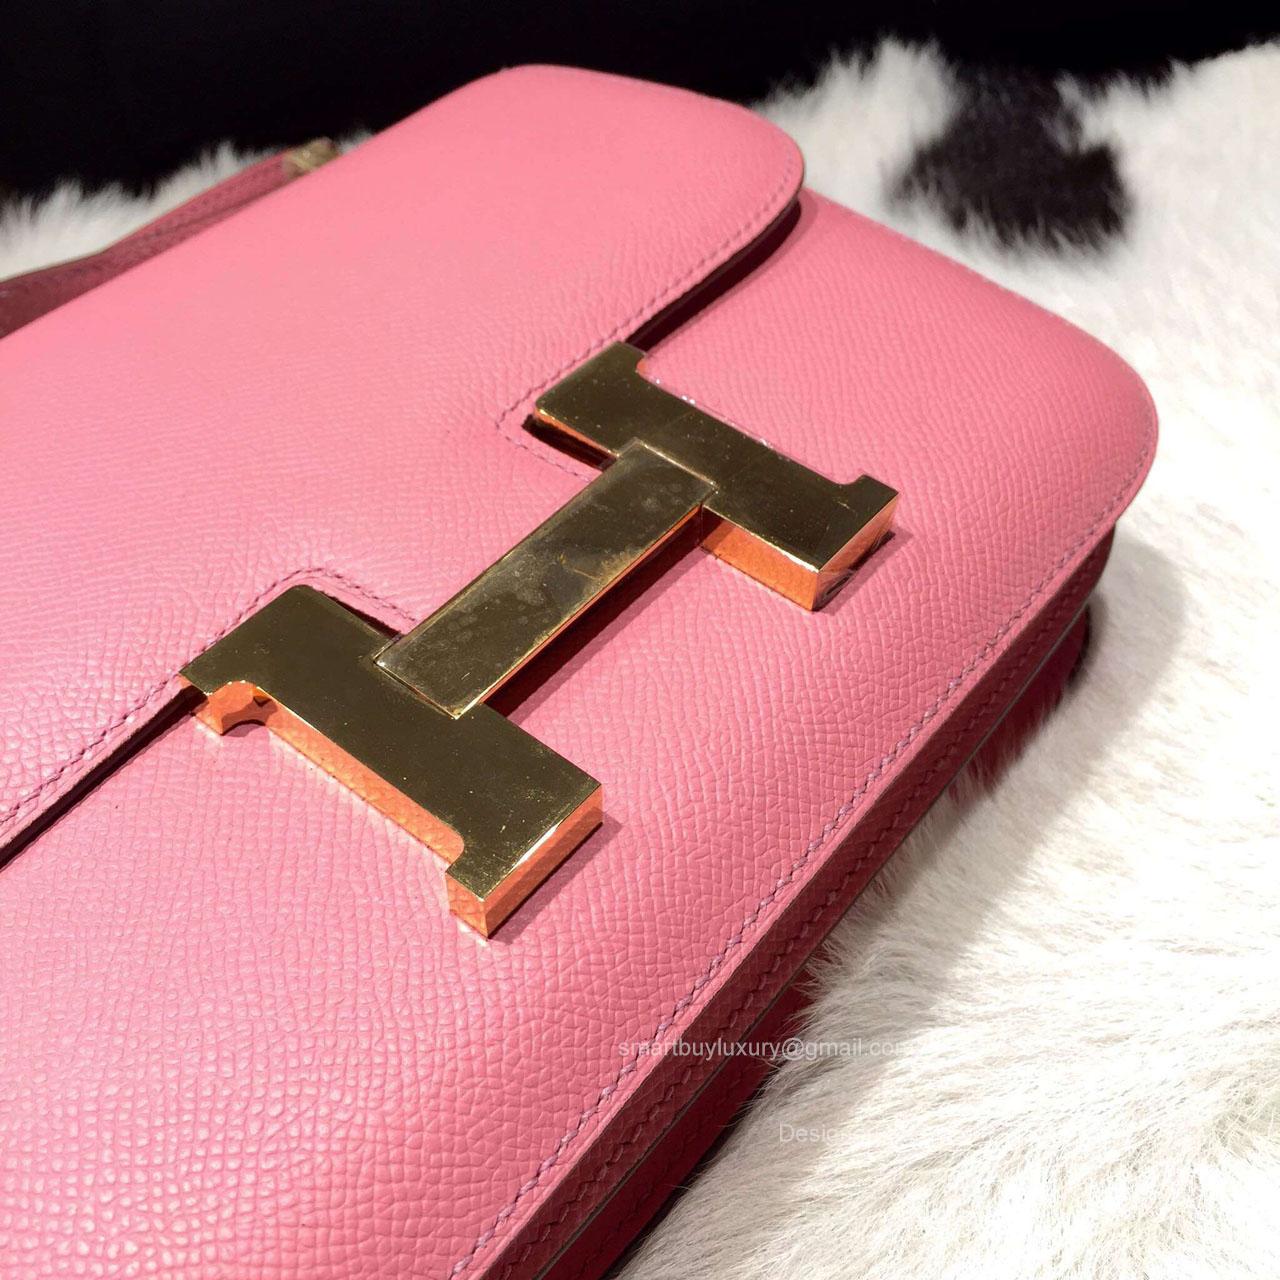 hermes birkin bag outlet - Hermes Constance 23 Bag Pink Epsom Leather Handstitched Gold hw -